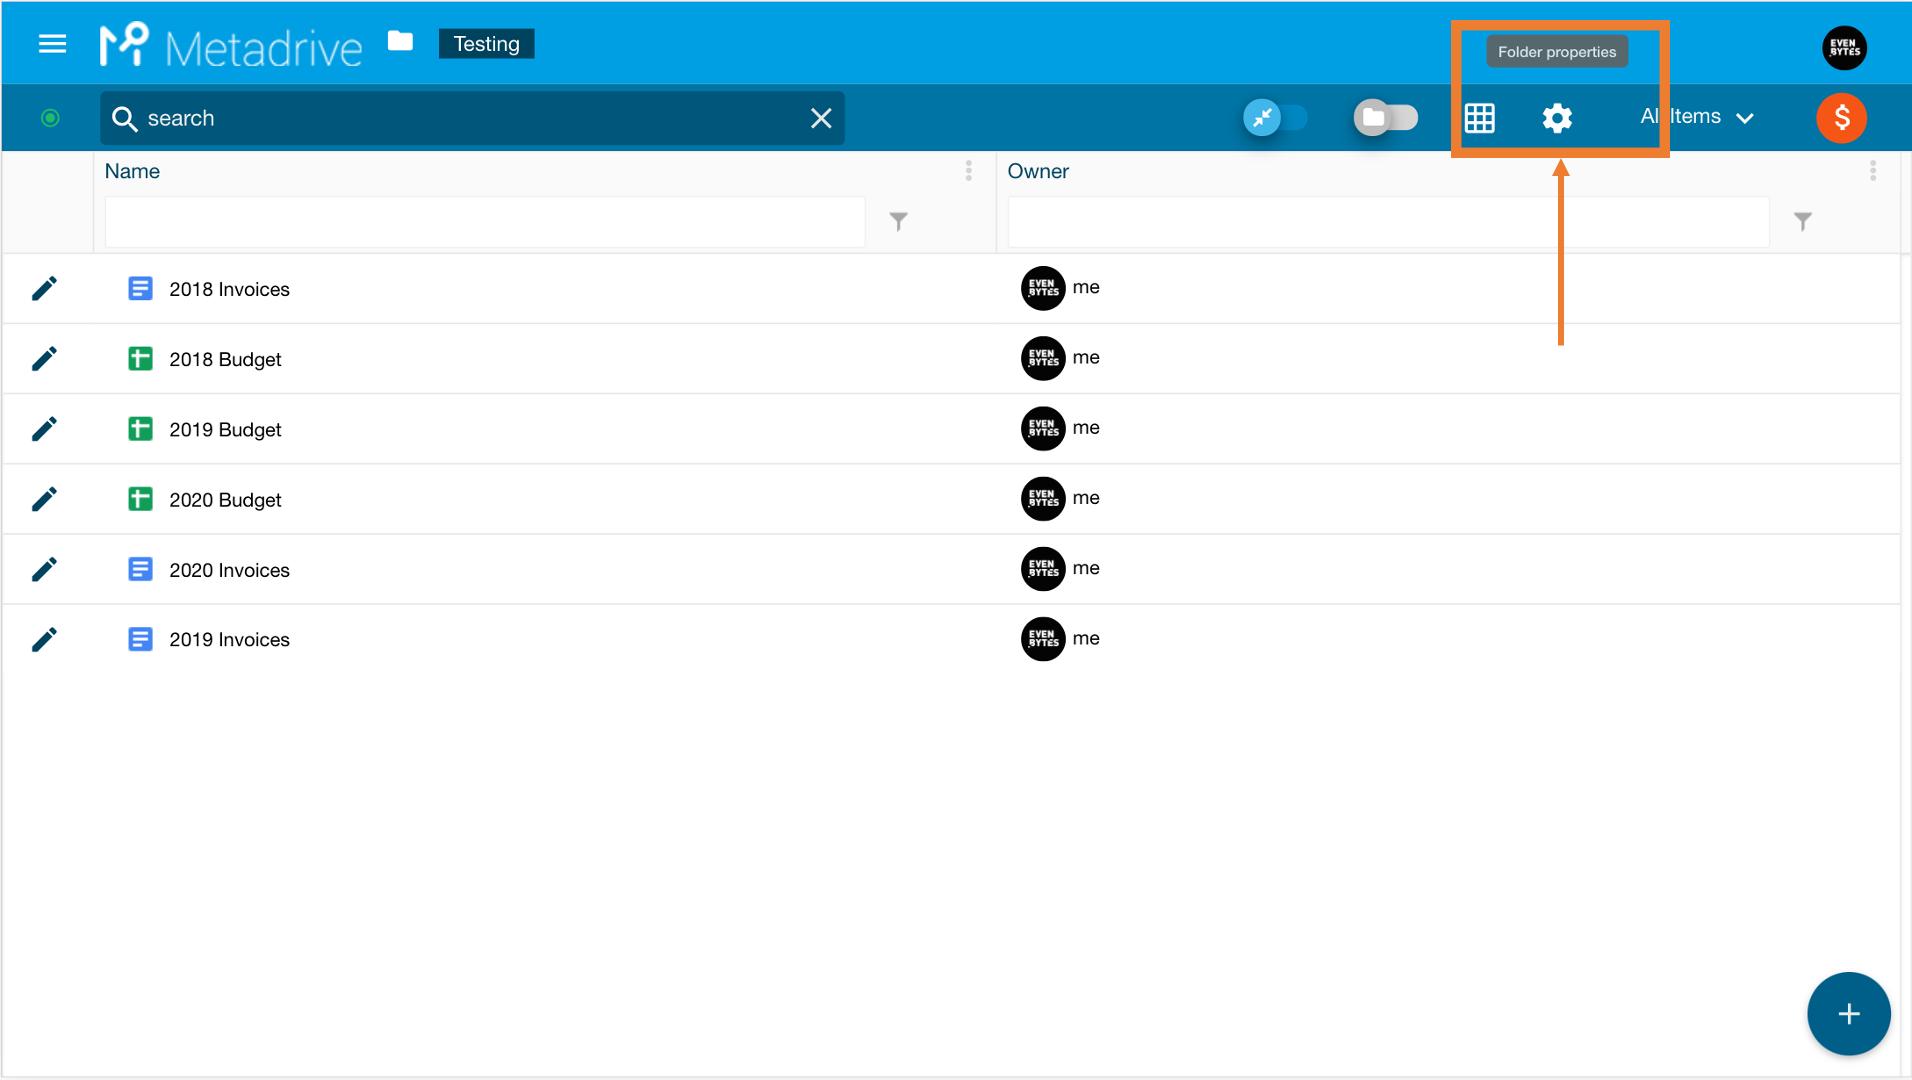 open folder properties in metadrive